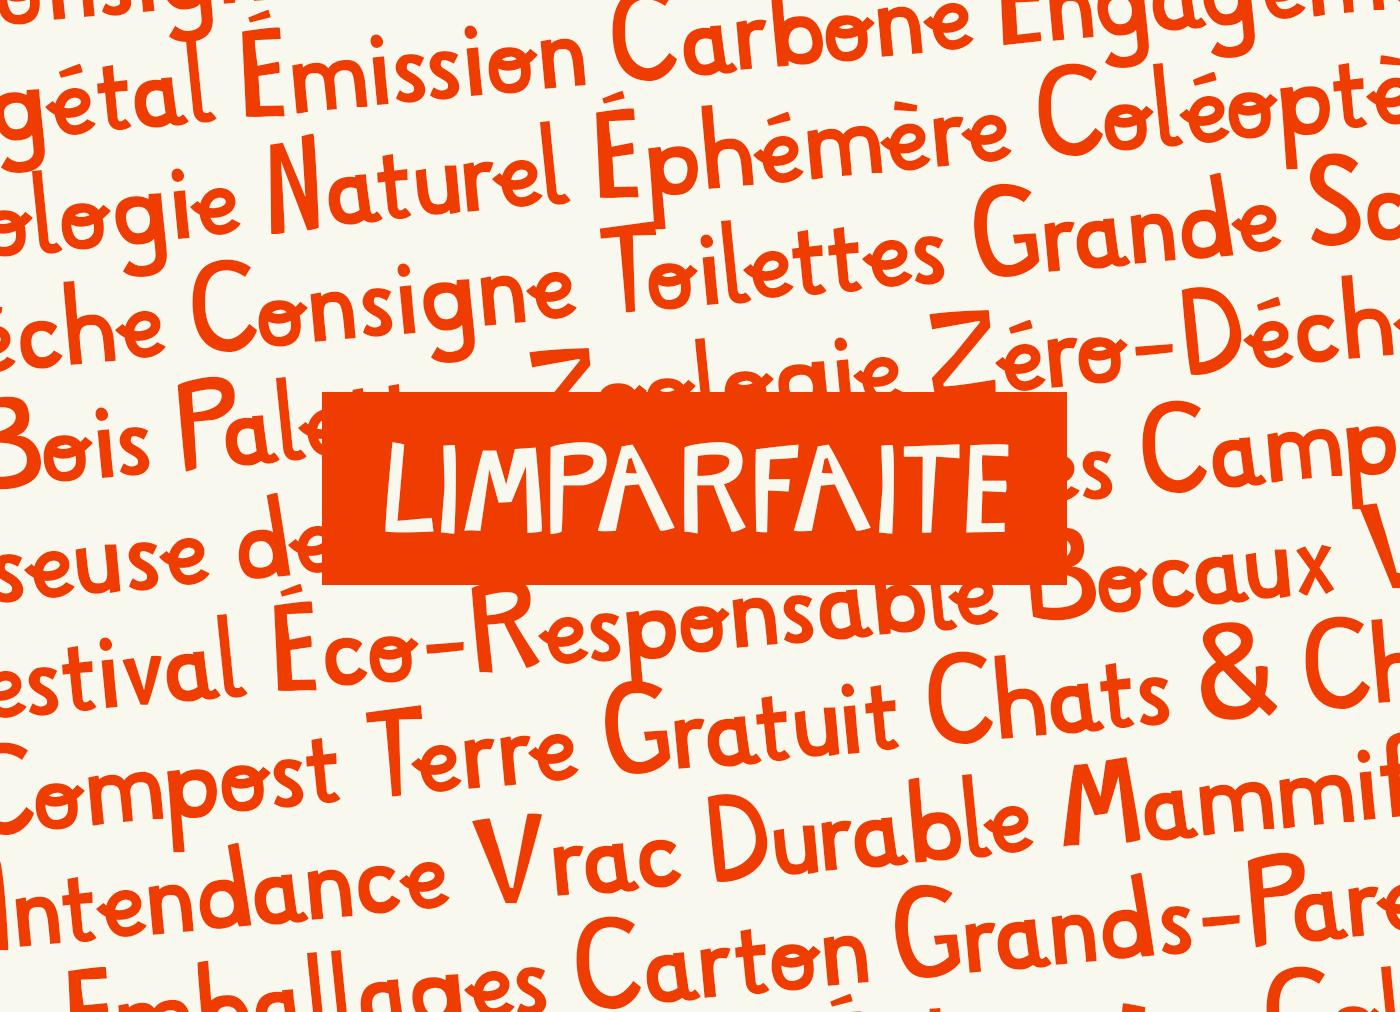 LIMPARFAITE